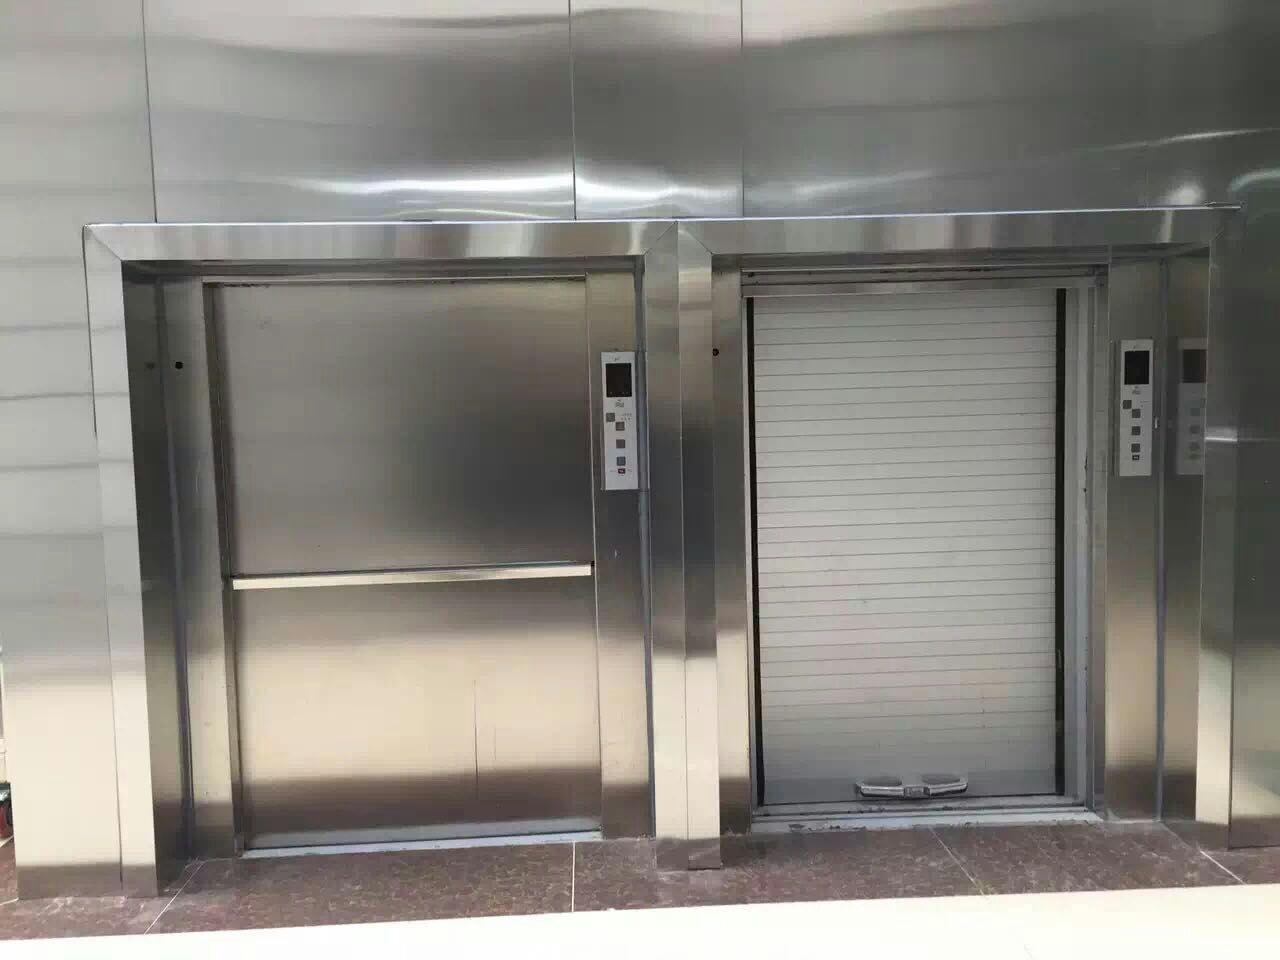 供应饭店专用传菜电梯  奥普斯餐梯TWJ-100 传菜电梯  餐梯   饭梯 奥普斯传菜电梯